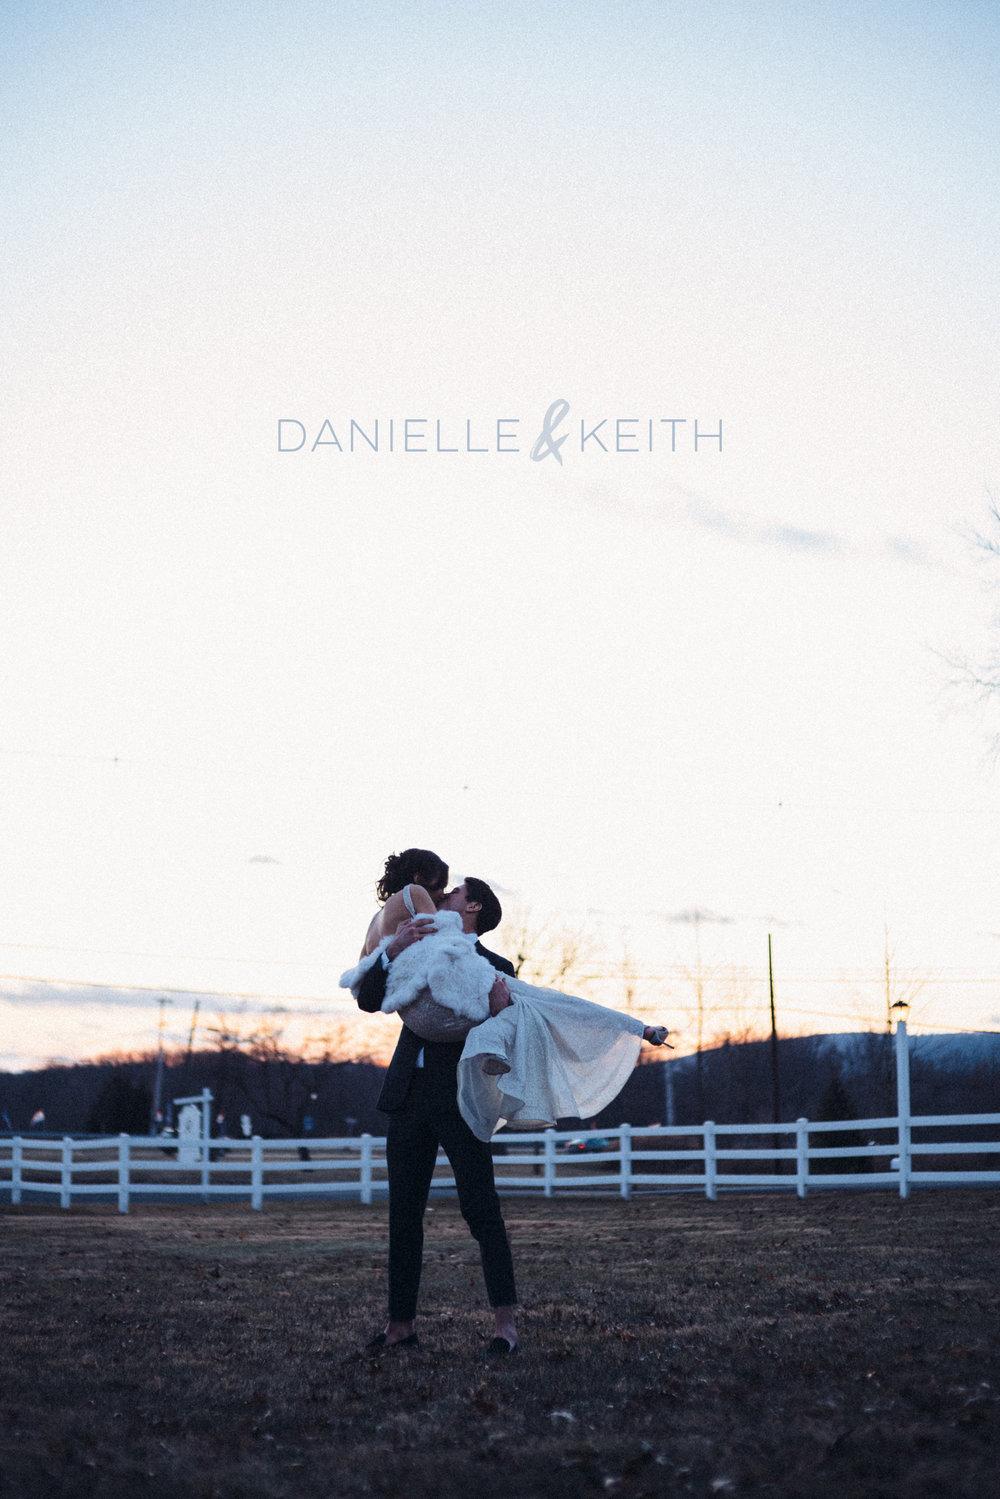 DANIELLE_KEITH_COVER.jpg